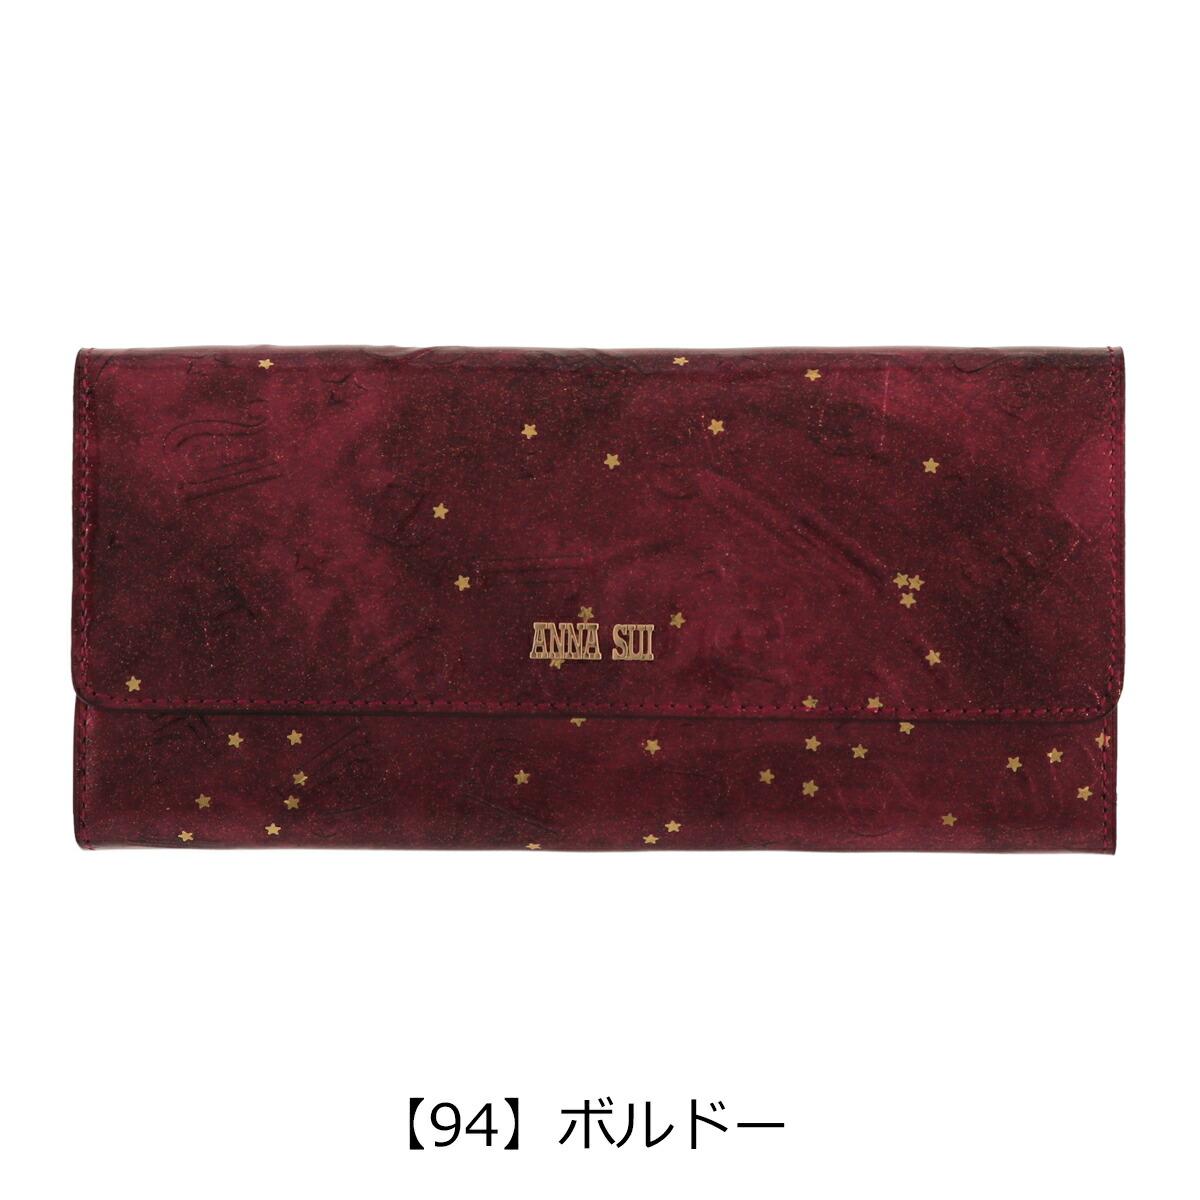 【94】ボルドー